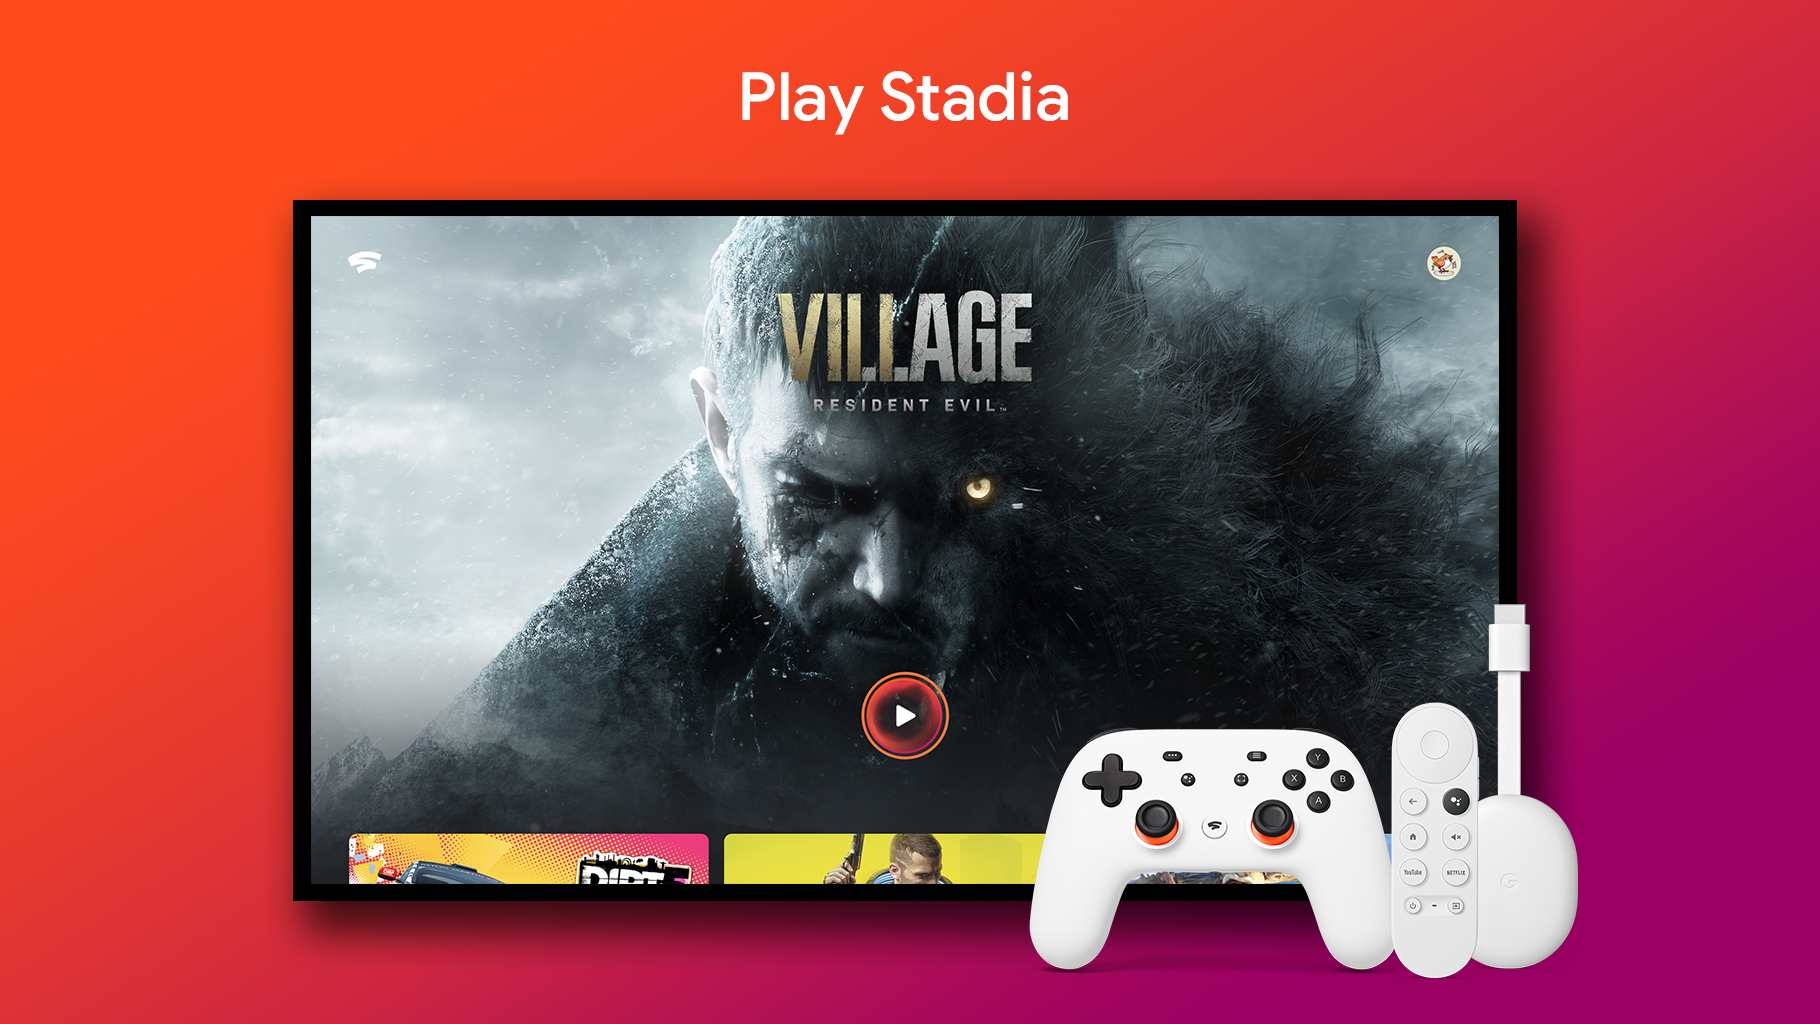 Los propietarios de Google TV pueden obtener un descuento en un controlador Stadia hasta el 30 de julio.  Imagen: Google